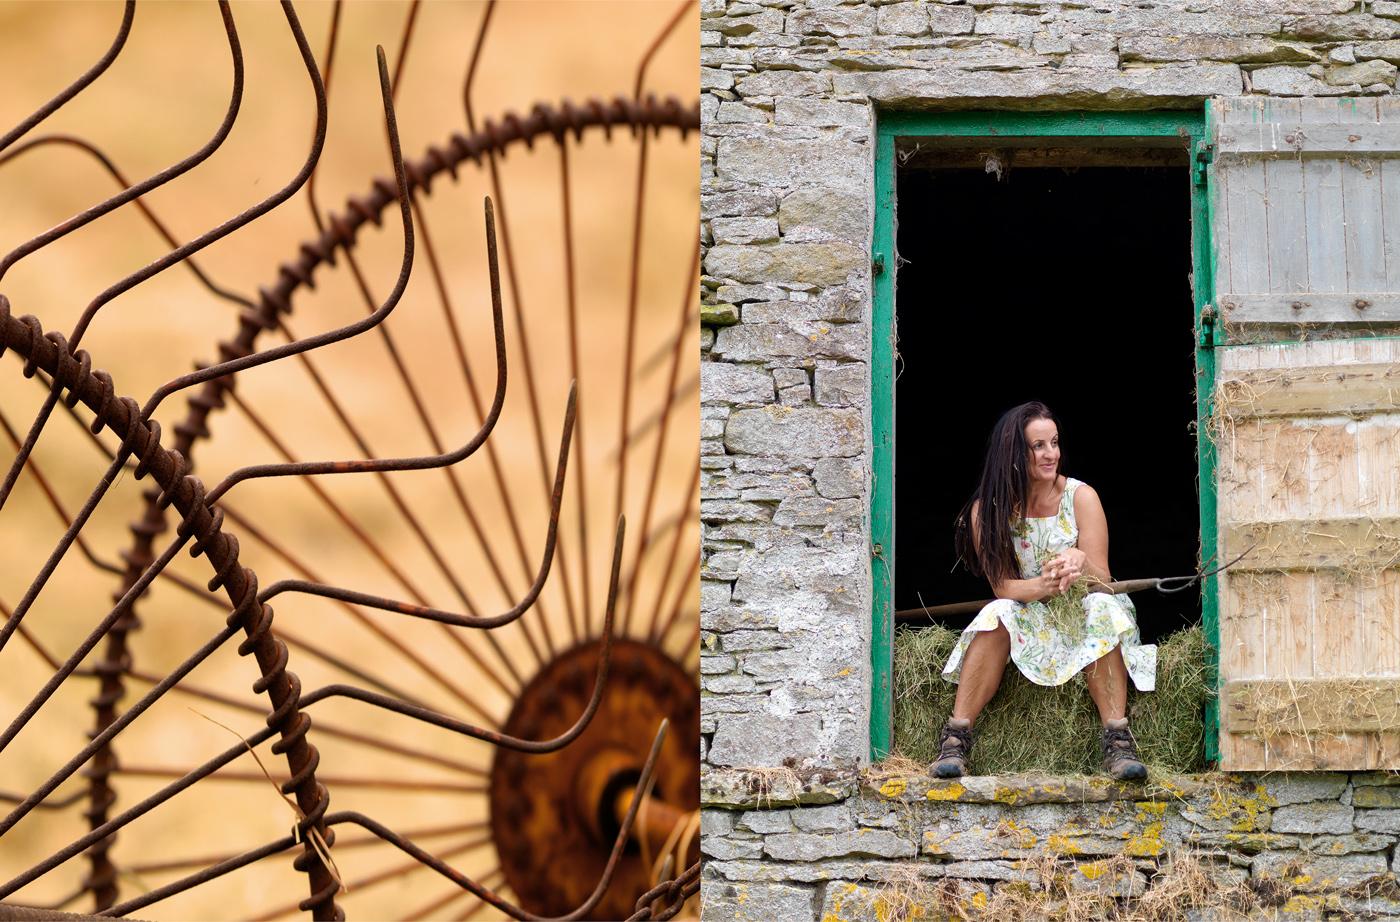 shepherdess_hit_the_hay.jpg